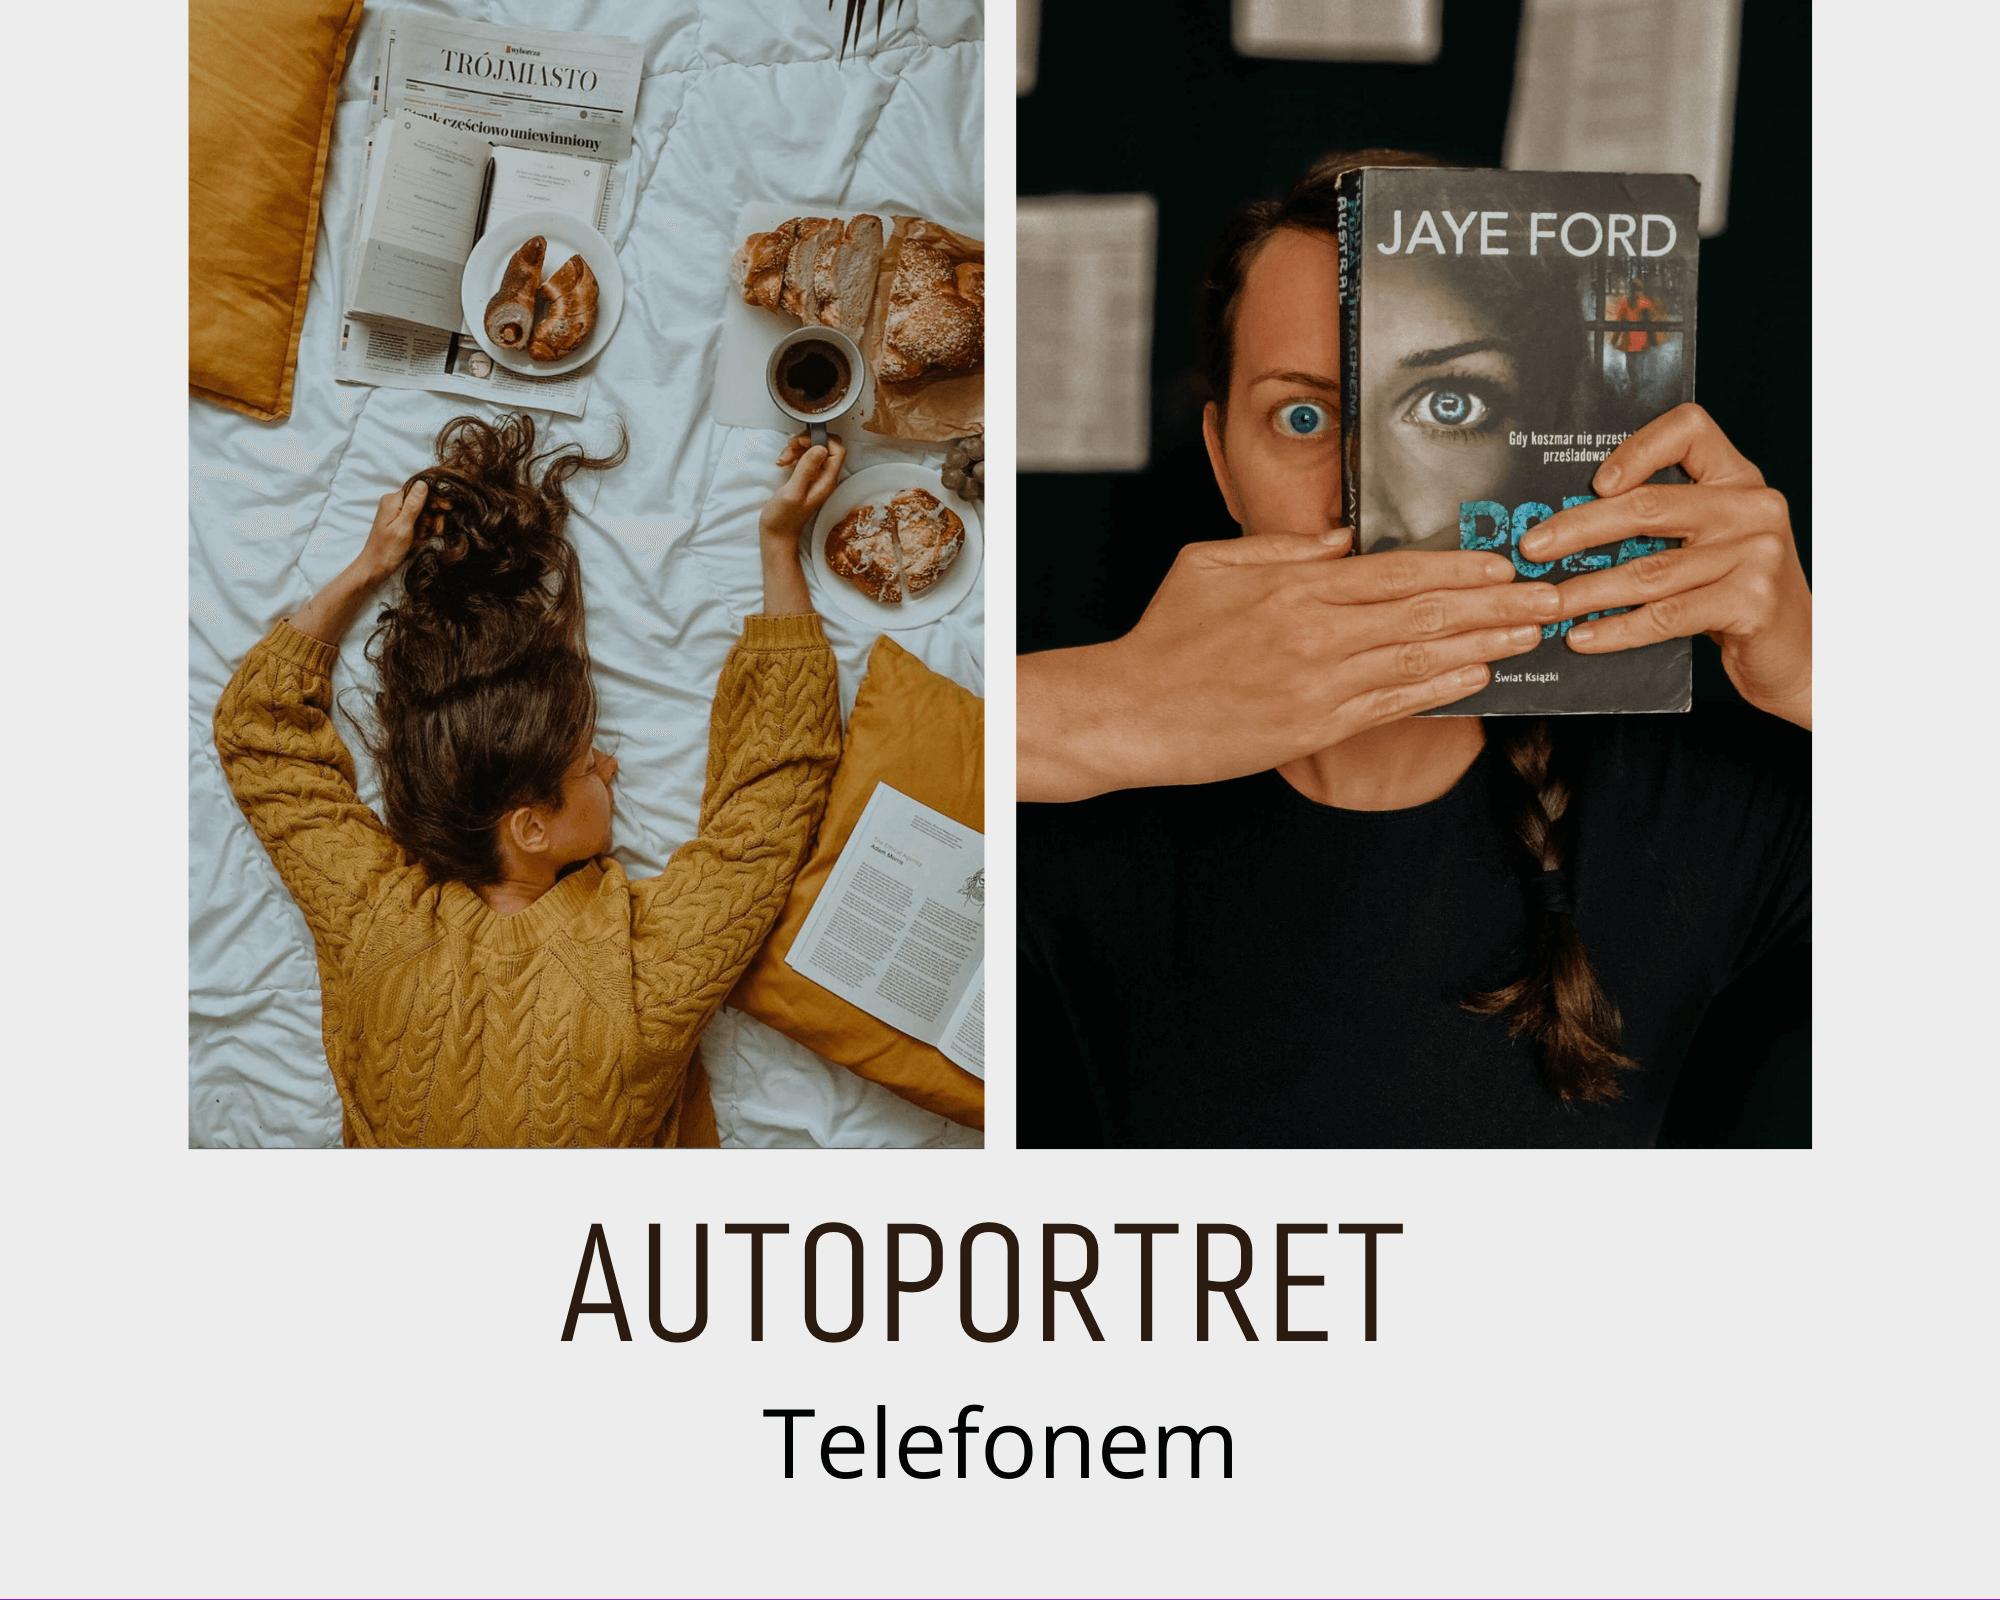 Jak zrobić ciekawy autoportret telefonem w domu